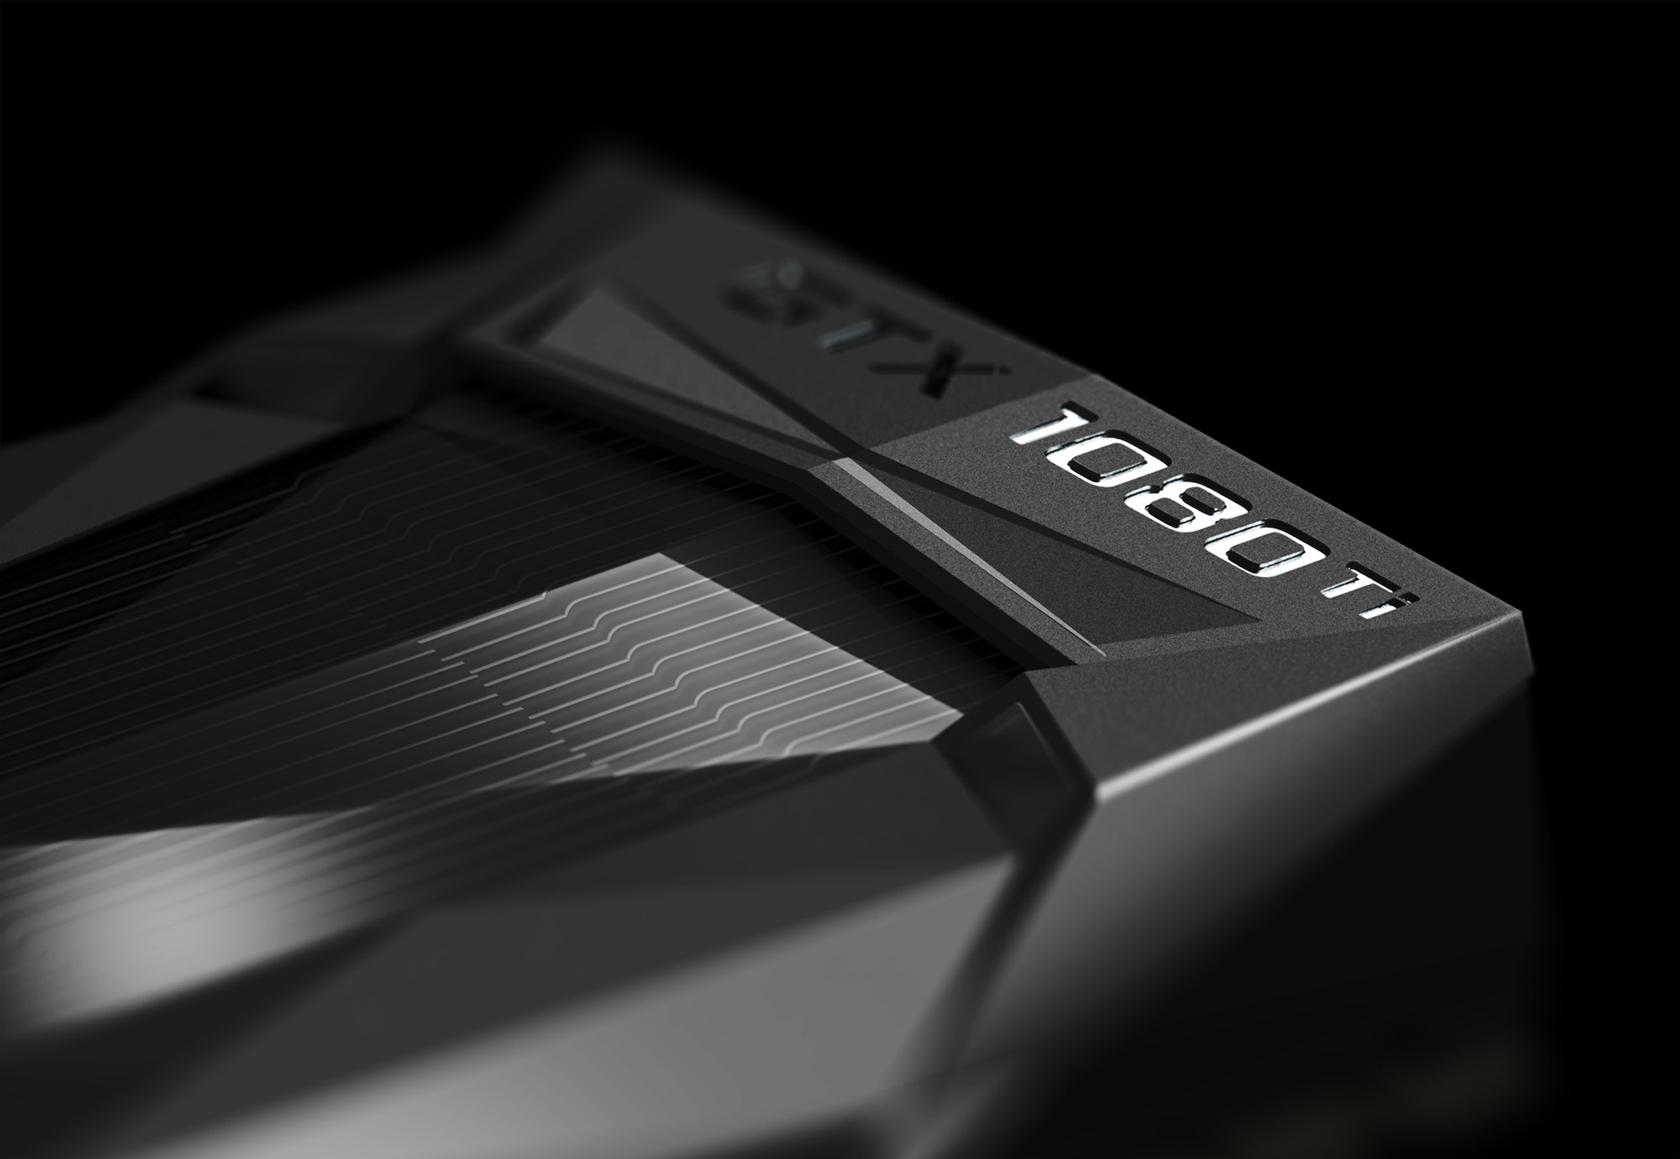 NVIDIA presenta la sua scheda grafica GeForce GTX 1080Ti, ecco le specifiche